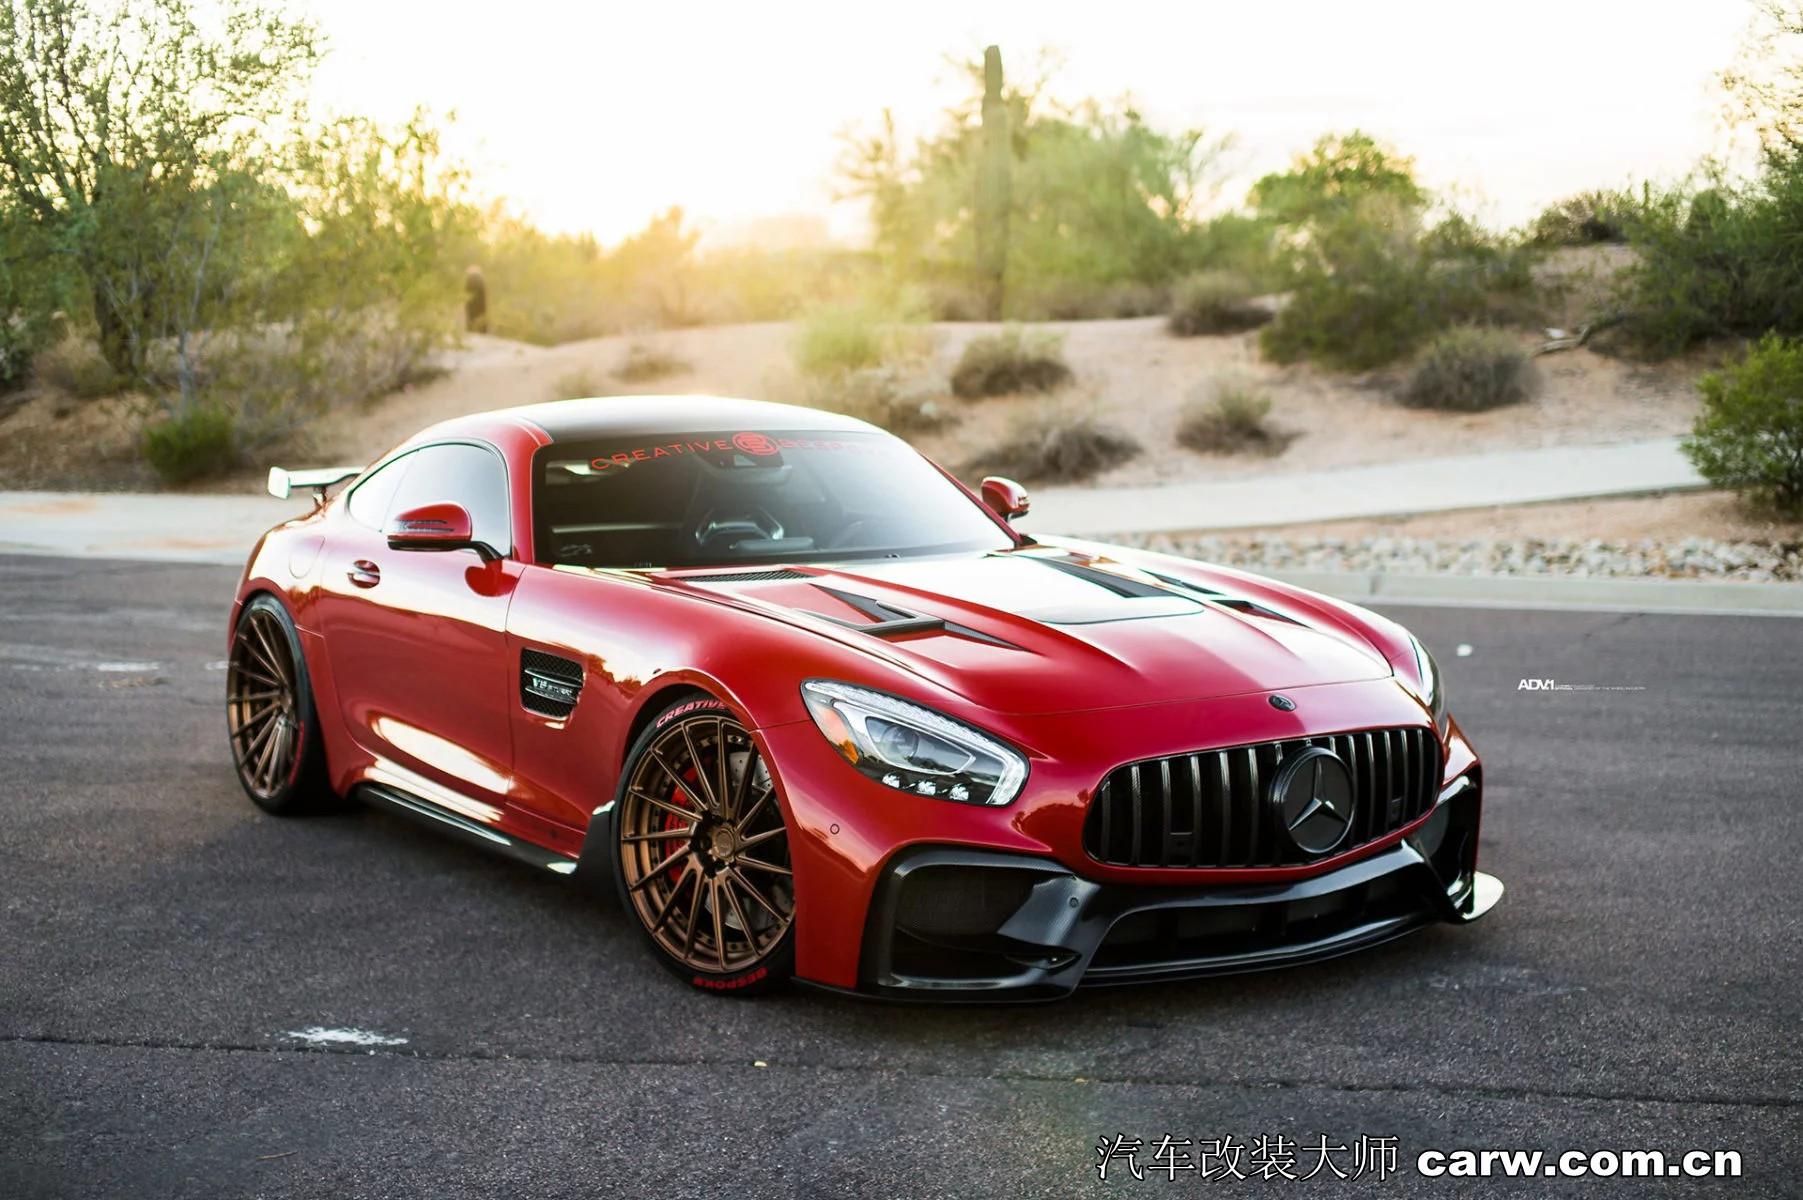 奔驰GT上帝姿态如果你也喜欢Mercedes-AMG GT S